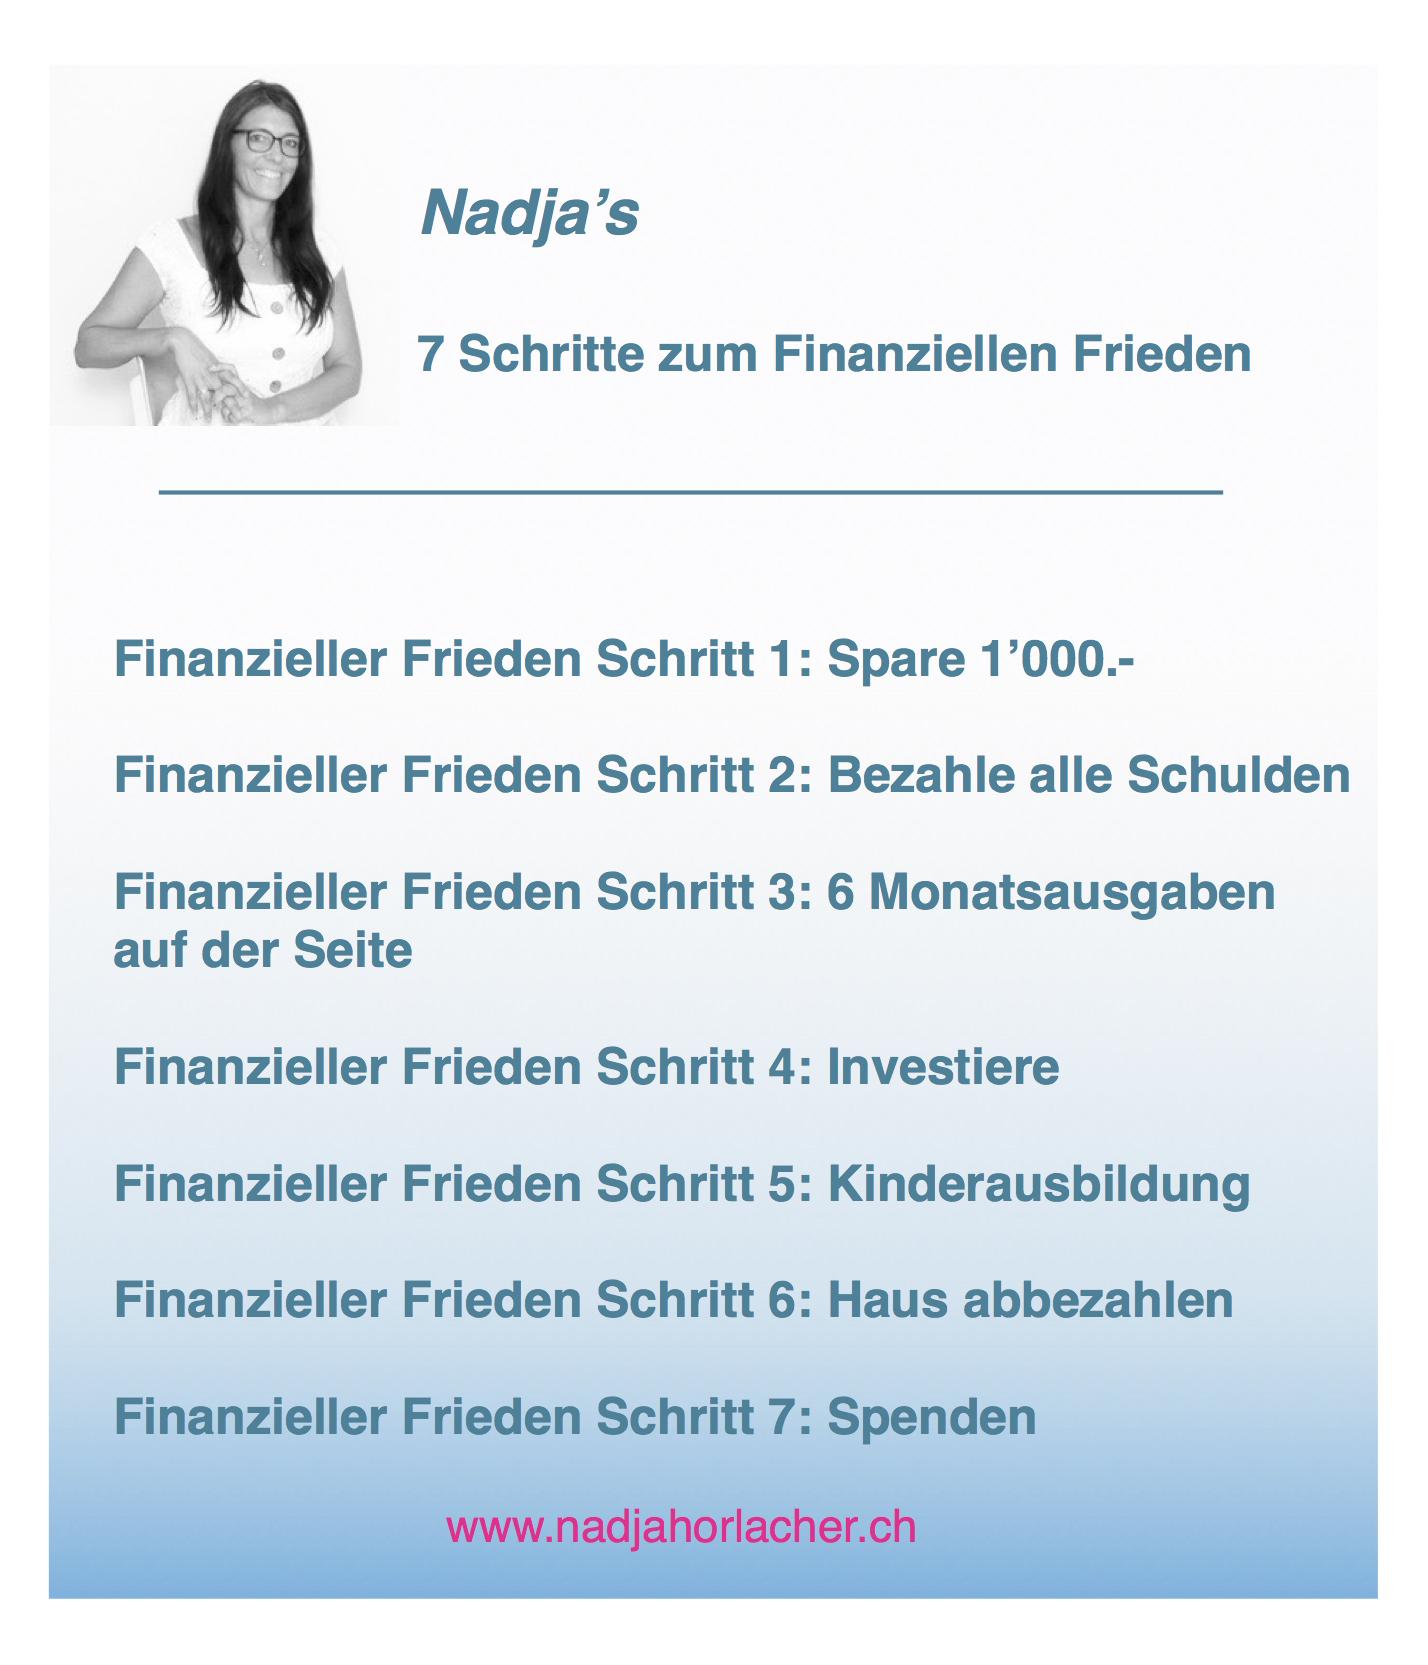 Nadjas Plan - 7 Schritte für deinen finanziellen Frieden